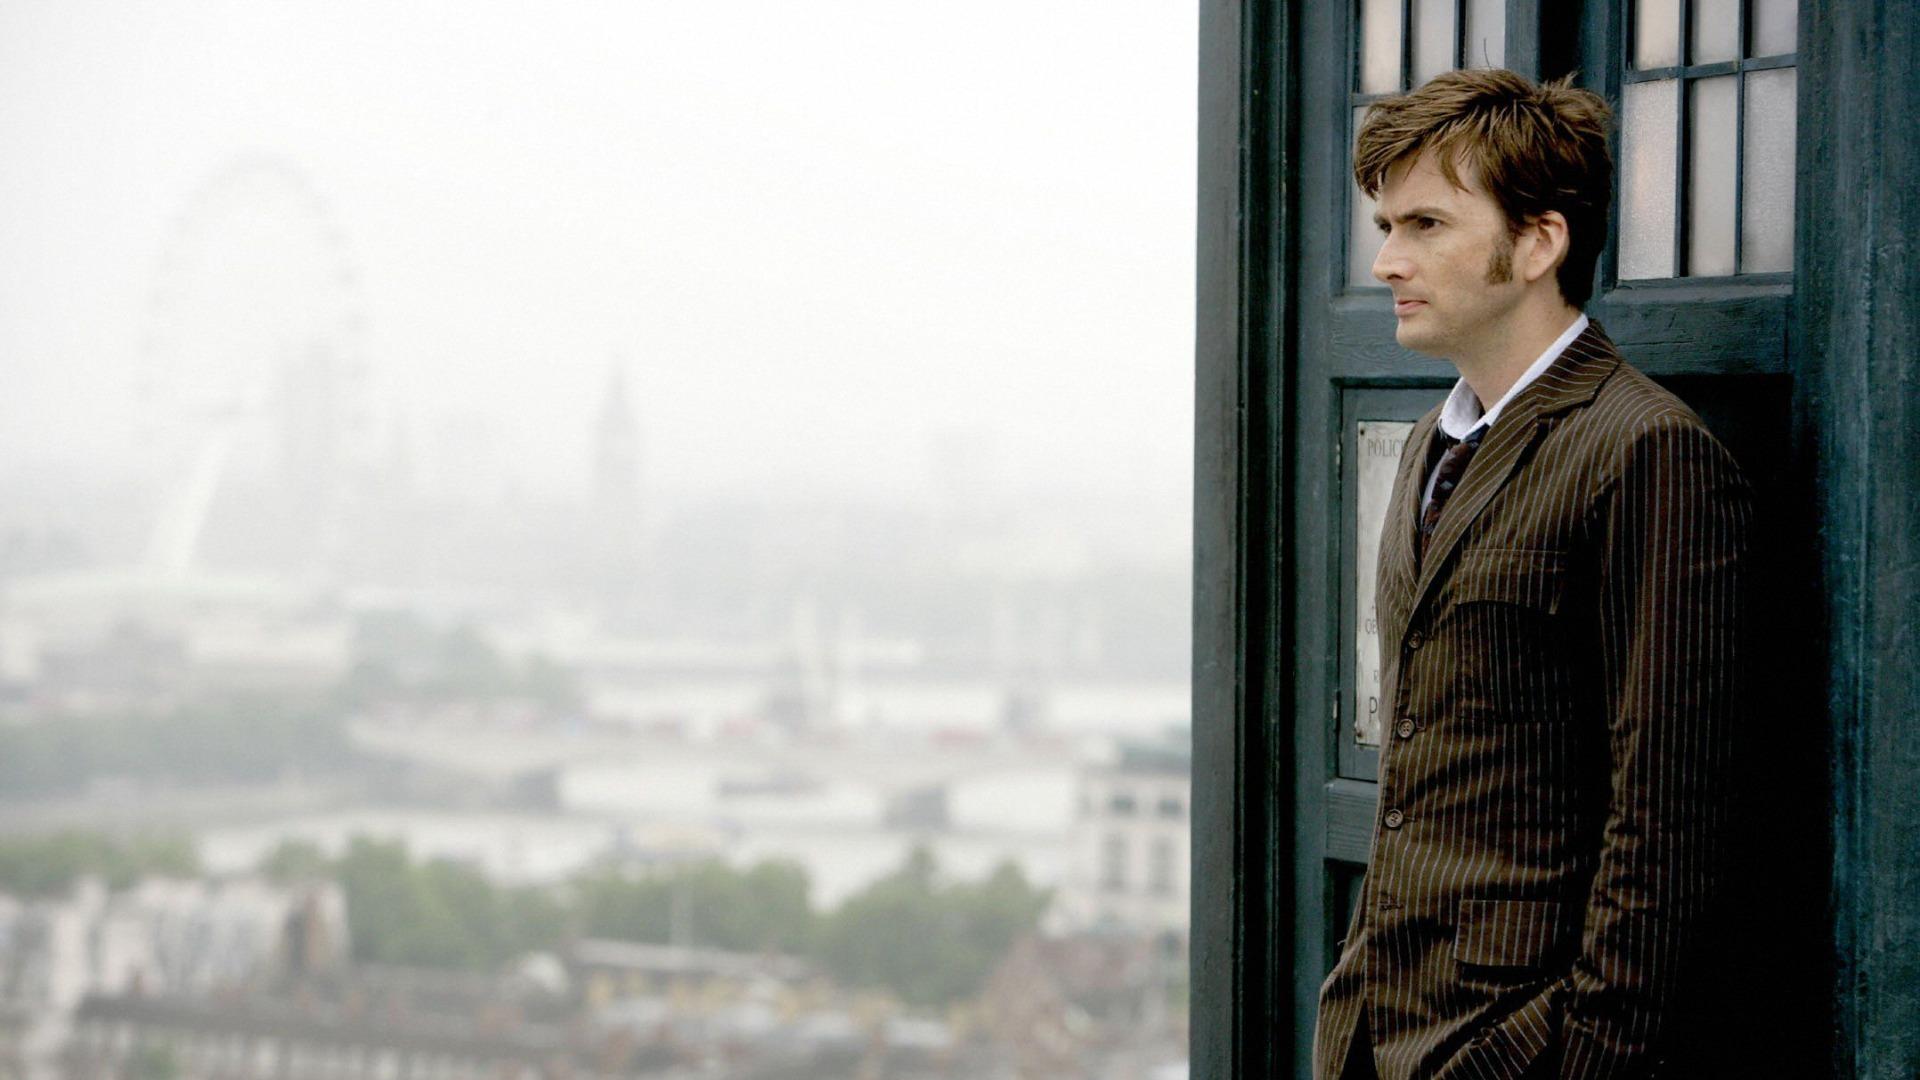 Doctor Who Wallpaper David Tennant Quote David Tennant I...